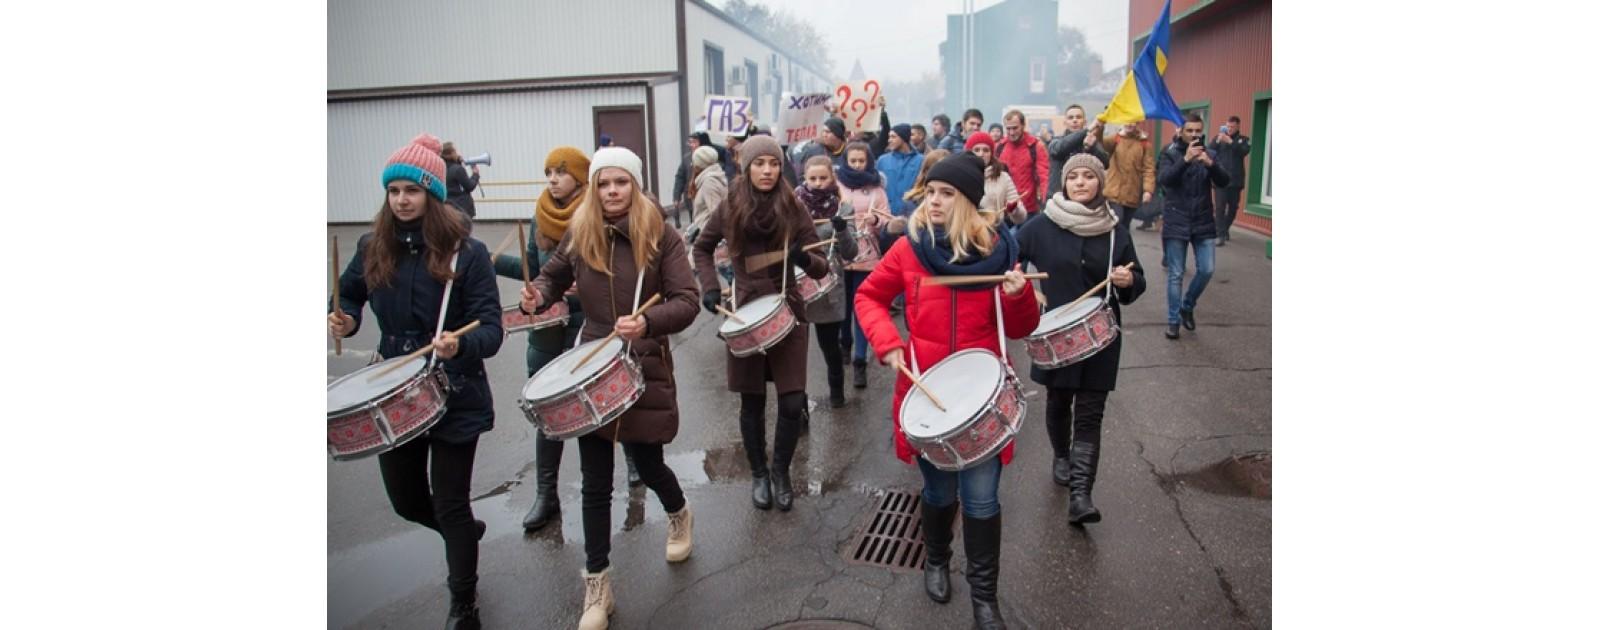 Студенты ВУЗа митингуют без отопления